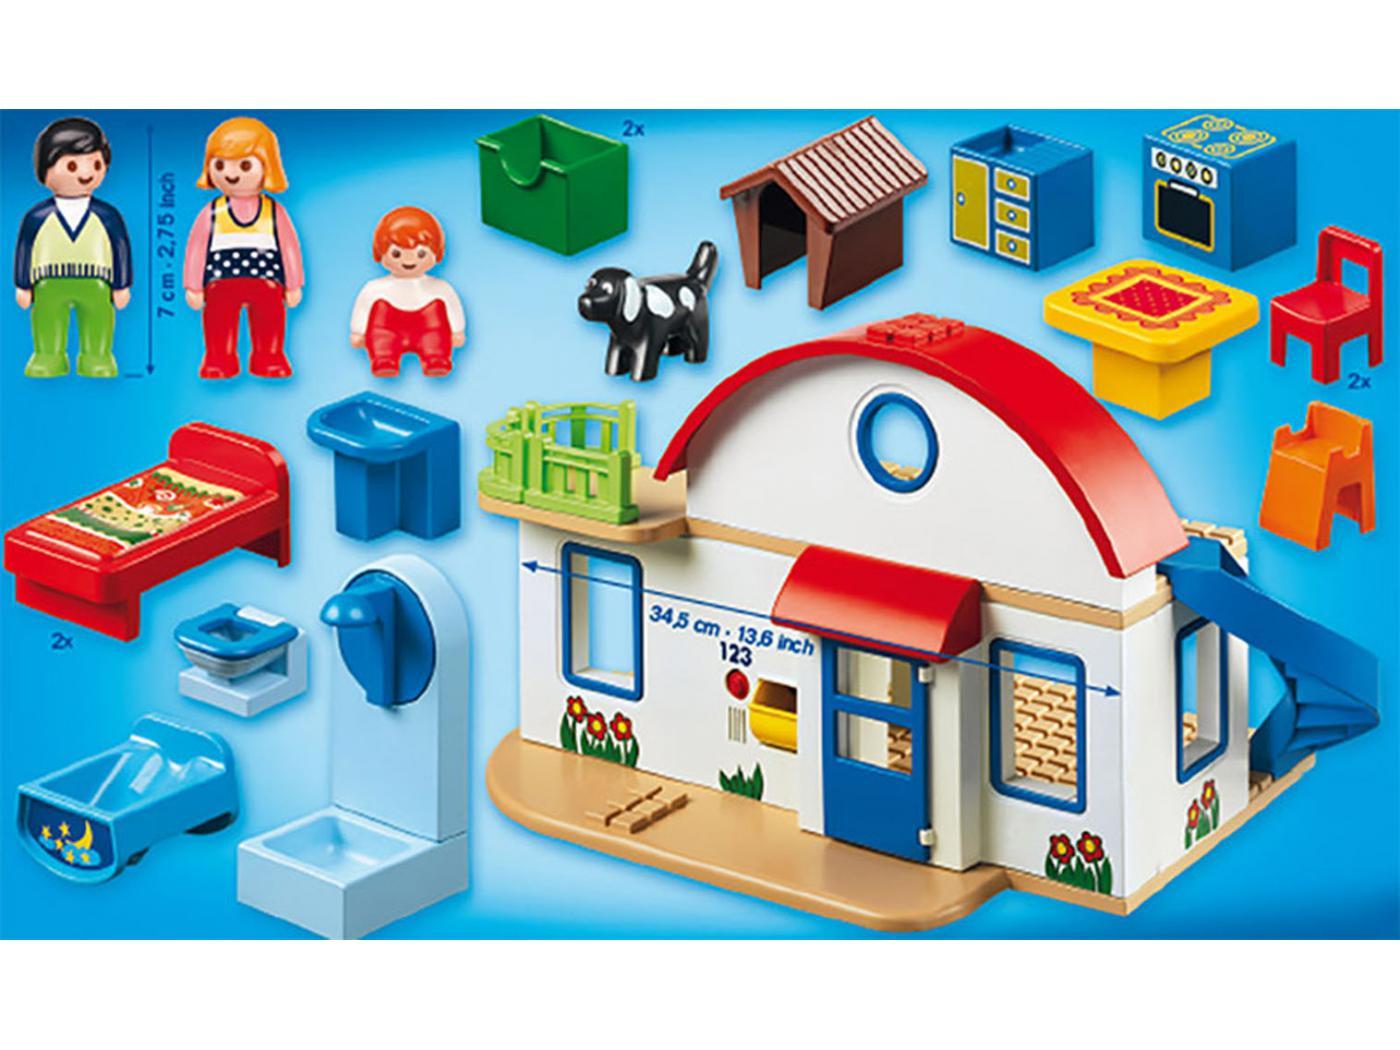 Playmobil maison de campagne - Plan maison de campagne playmobil ...